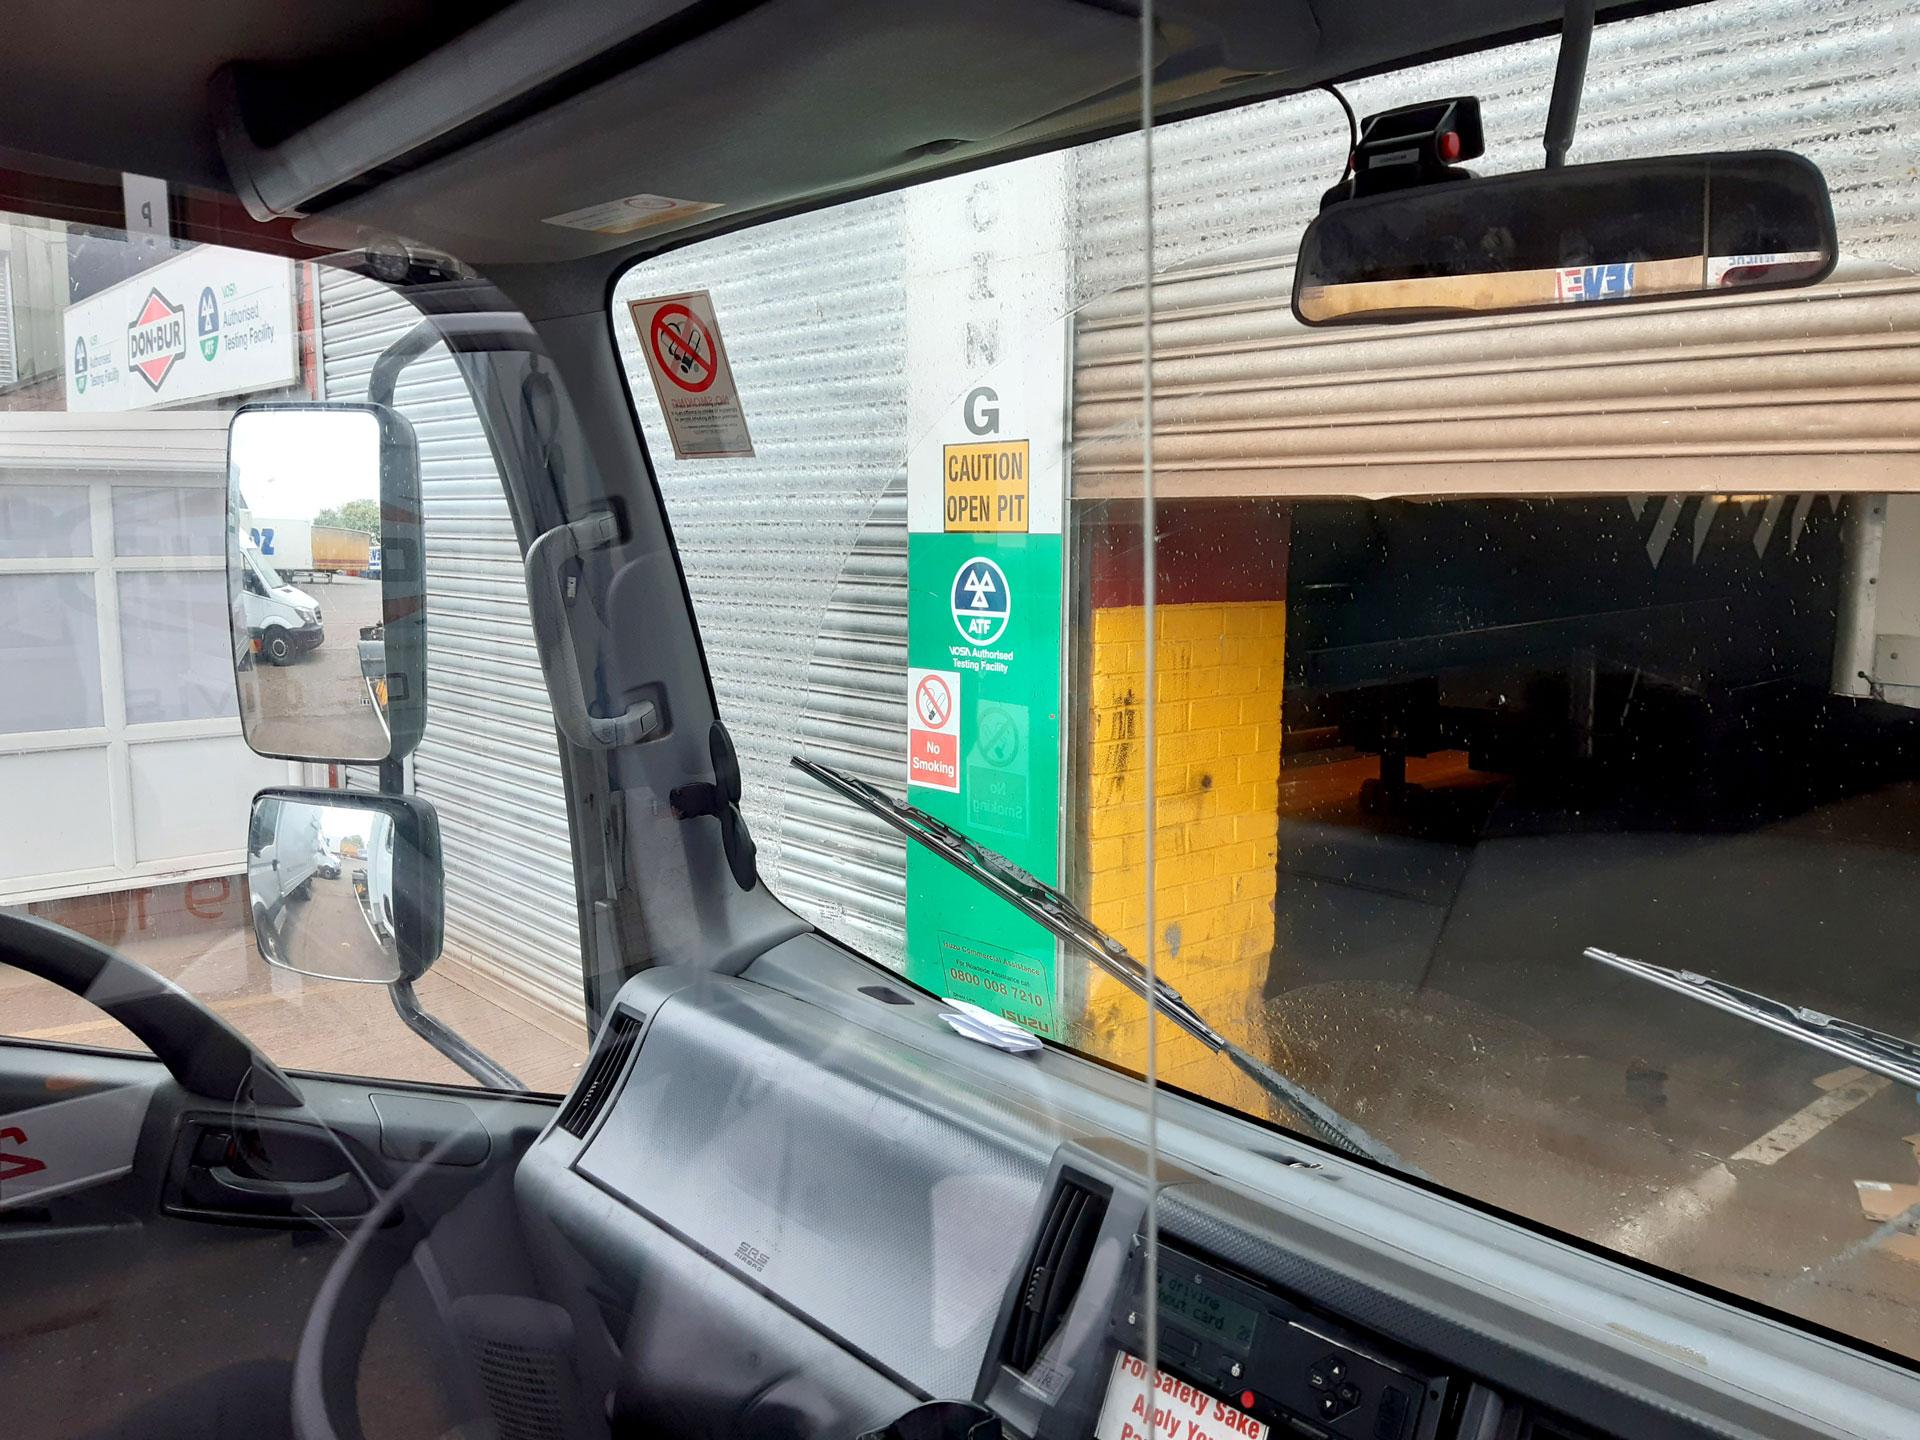 Don-Bur Retro-fit Anti-Covid-19 Truck Partition Screens